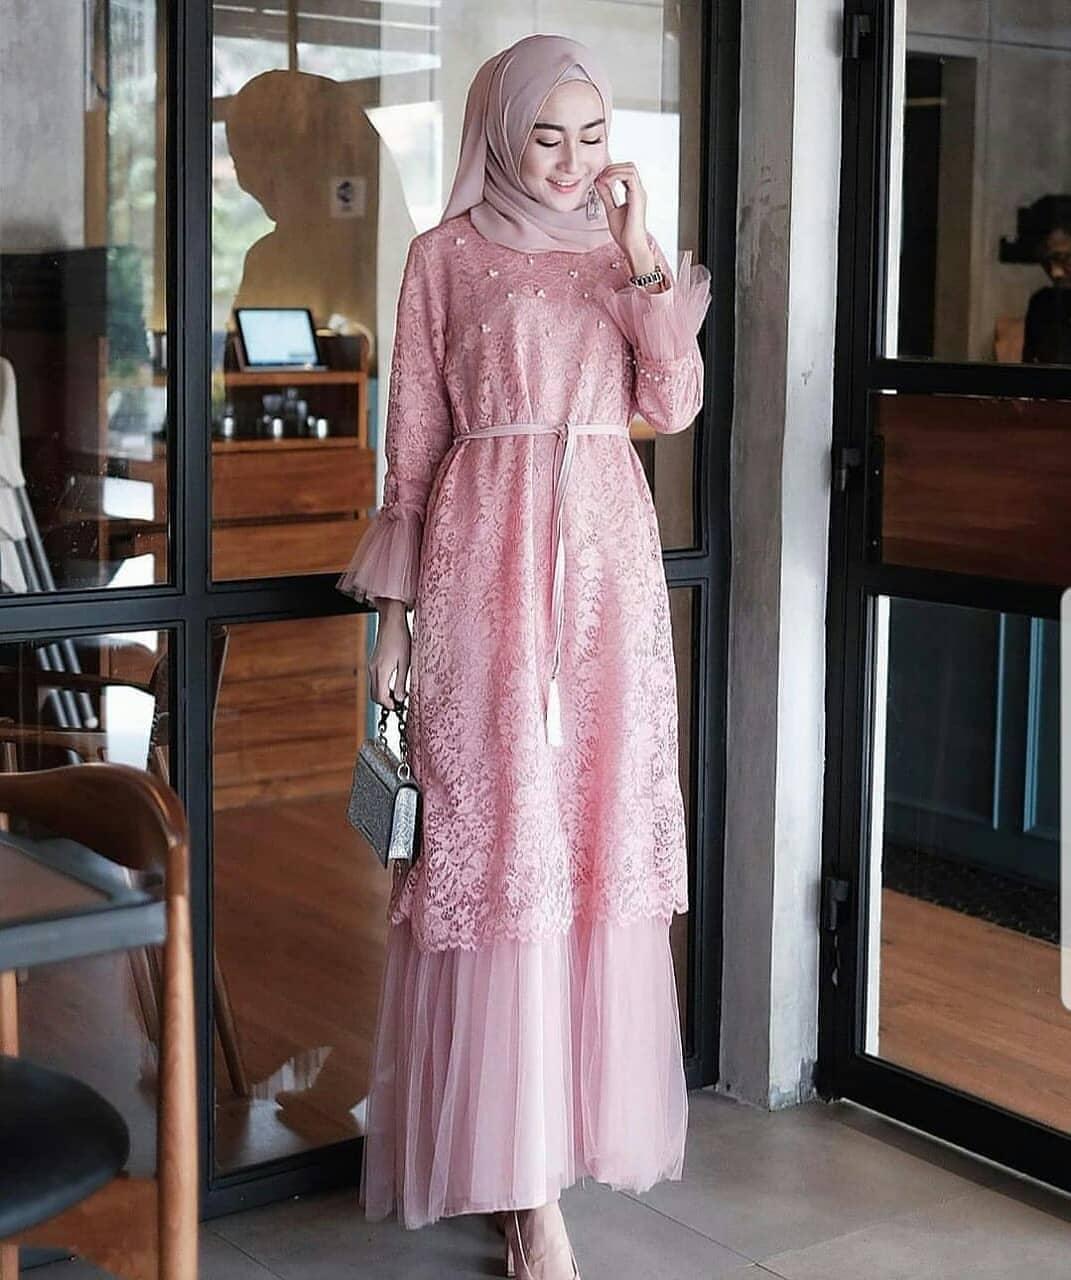 Humaira Dress / gaun pesta / gamis brukat / baju kebaya / gamis wanita  terbaru / gamis syari / gamis remaja / kebaya untuk wisuda / long dress /  dress